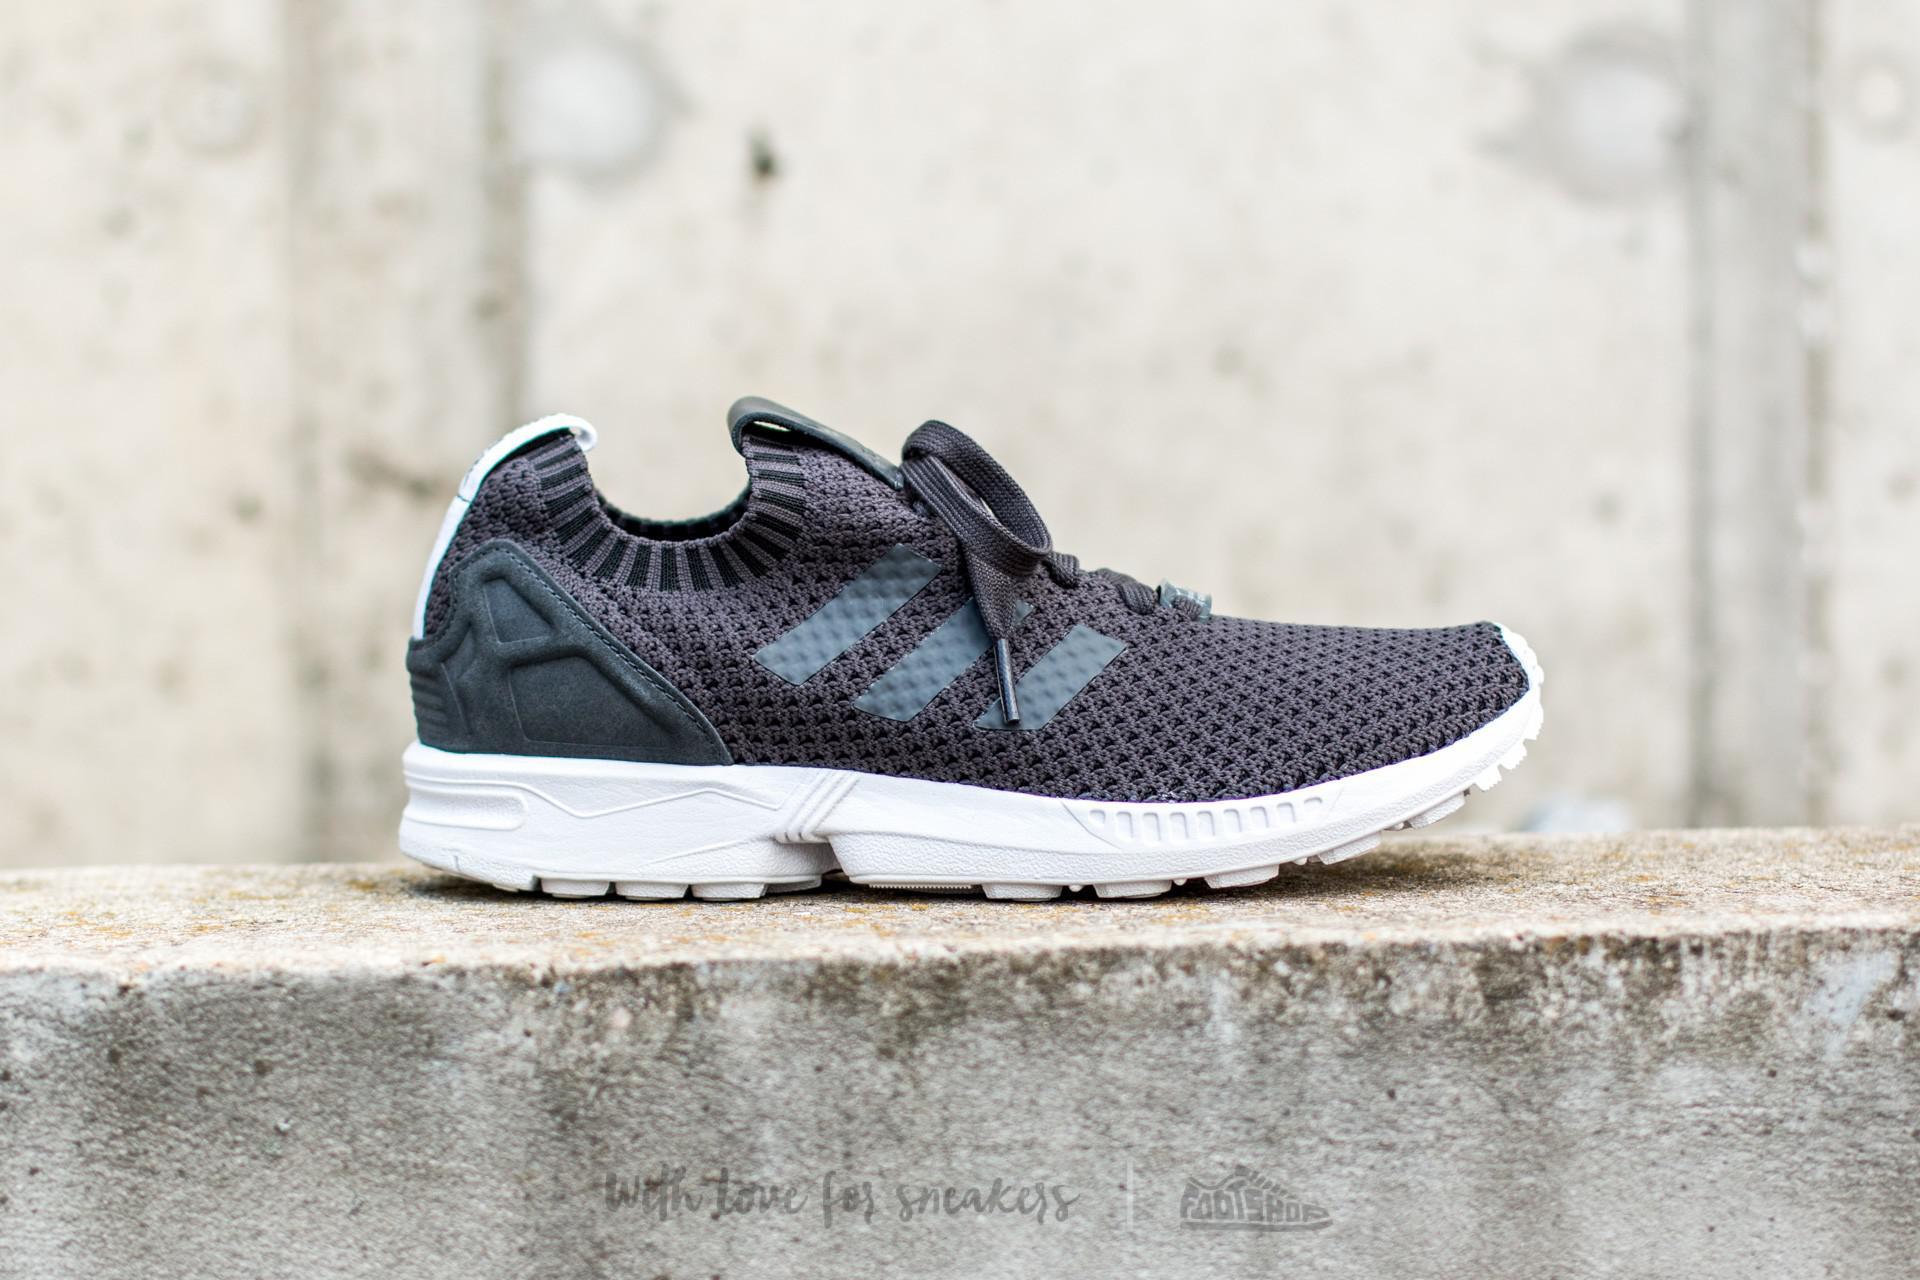 f002b22b72f4a Lyst - adidas Originals Adidas Zx Flux Primeknit Dgh Solid Grey  Dgh ...